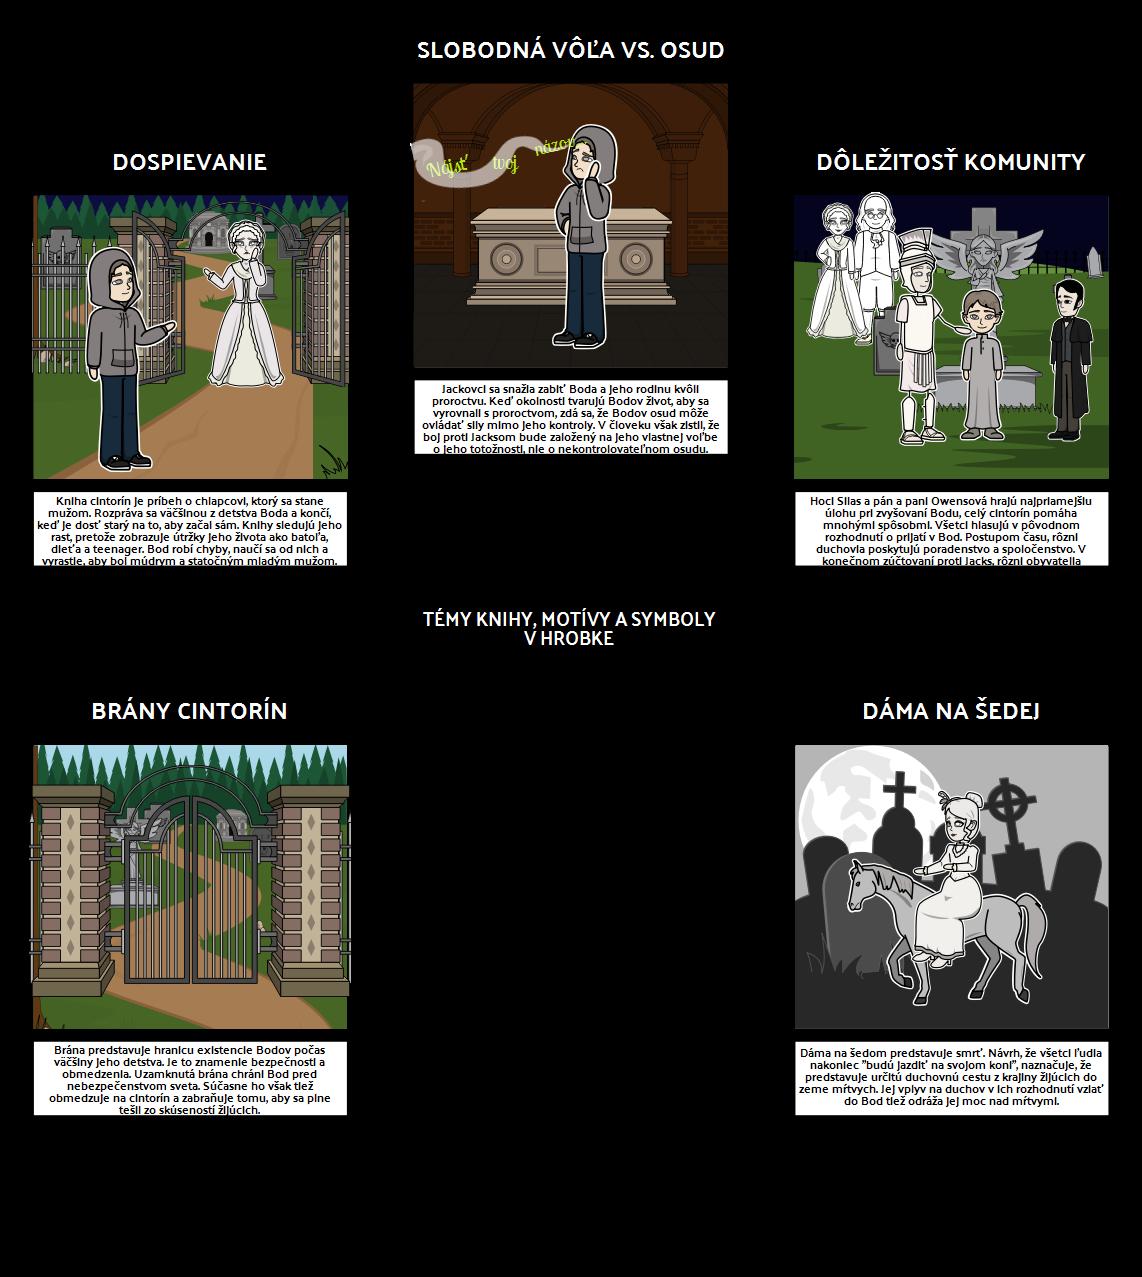 Témy Motívov, Motívov a Symbolov Cintorínov